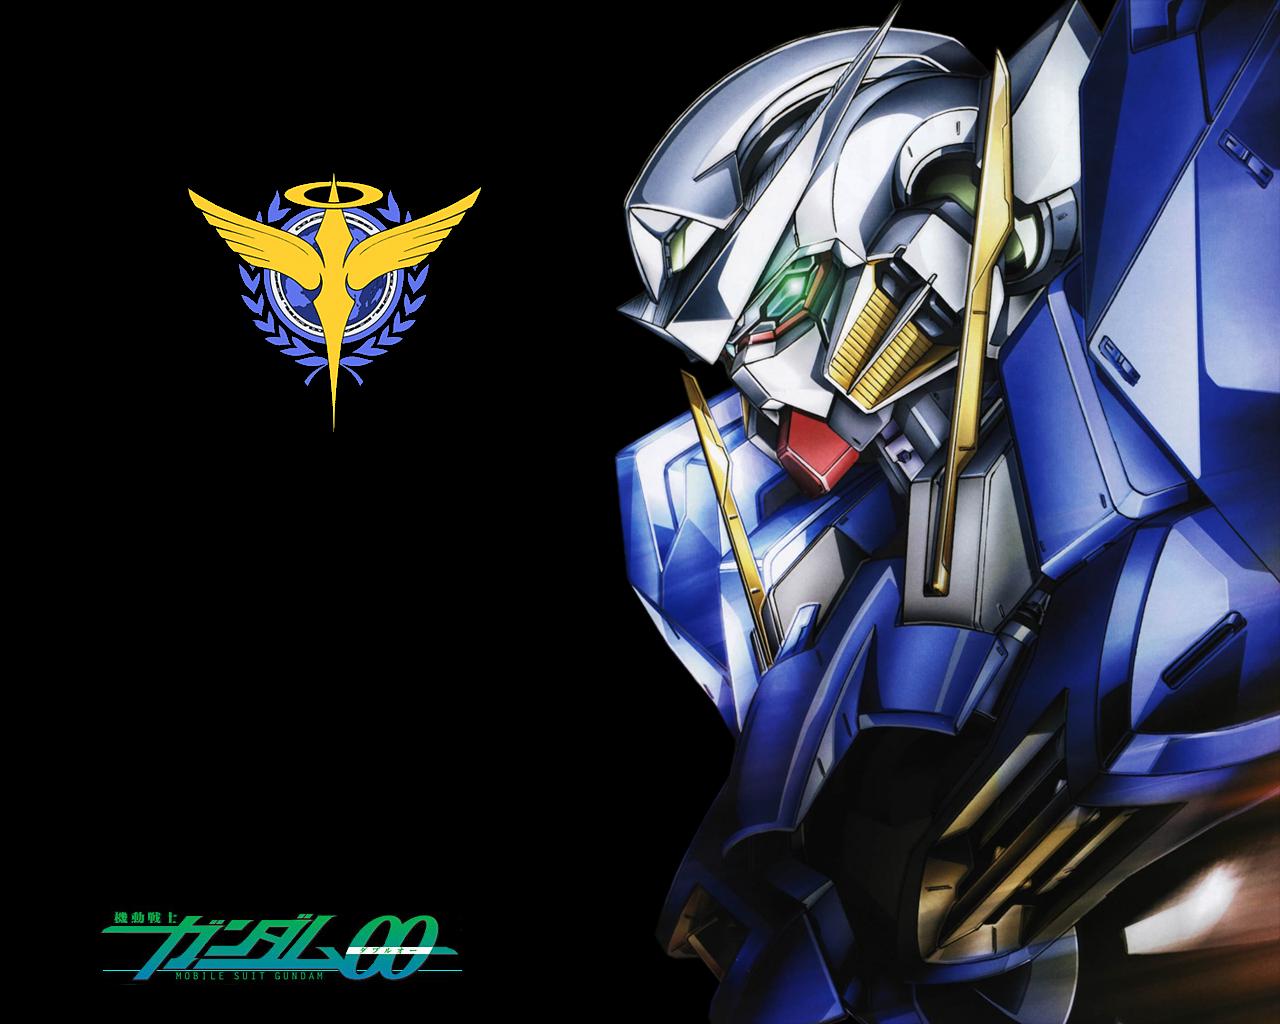 Gundam exia 26 wide wallpaper animewp gundam exia 26 wide wallpaper voltagebd Images